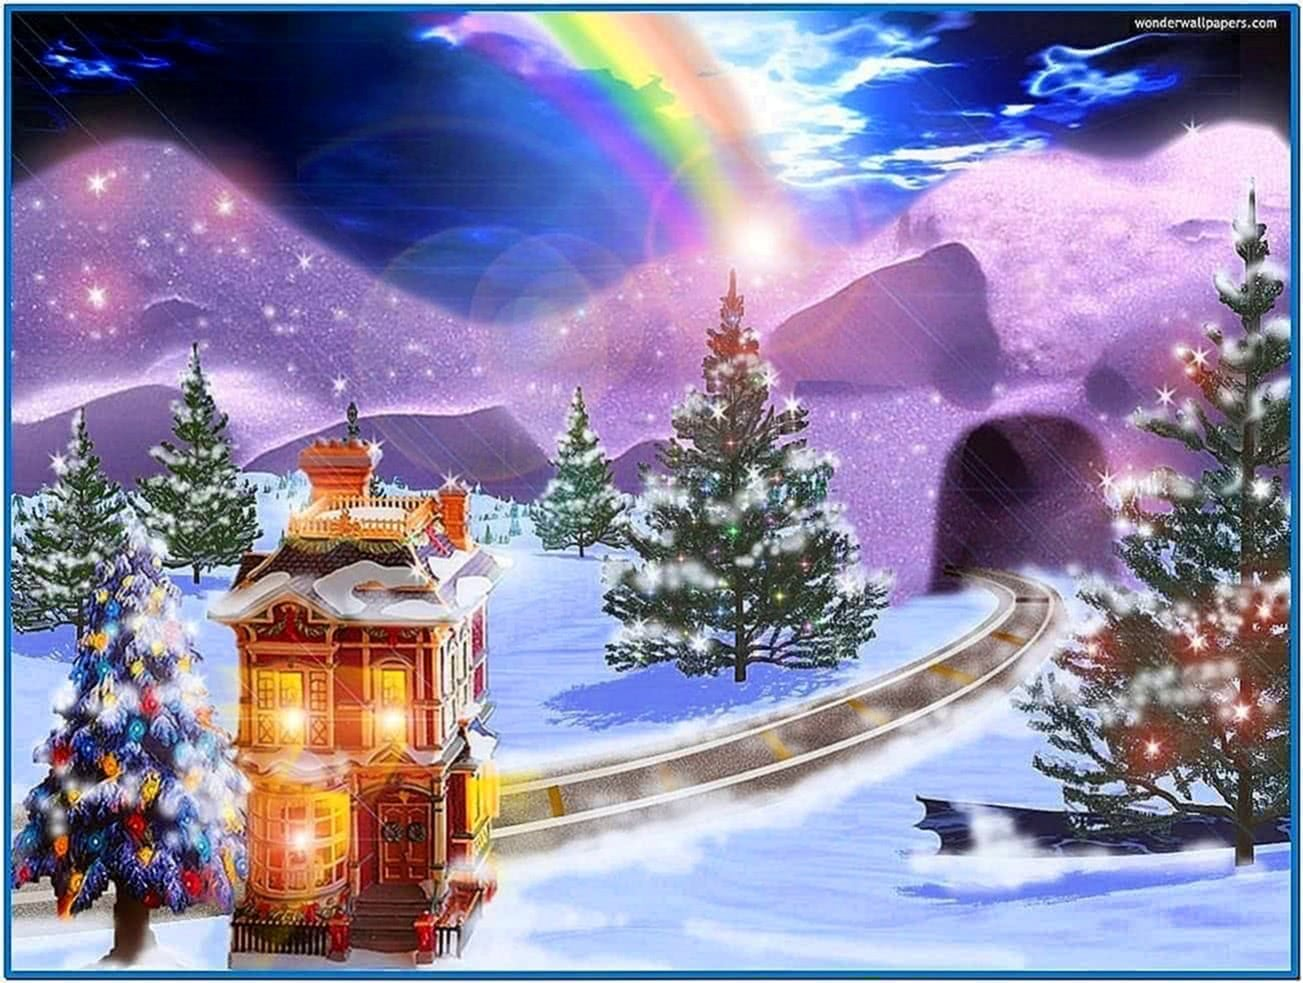 Screensaver Christmas Animation